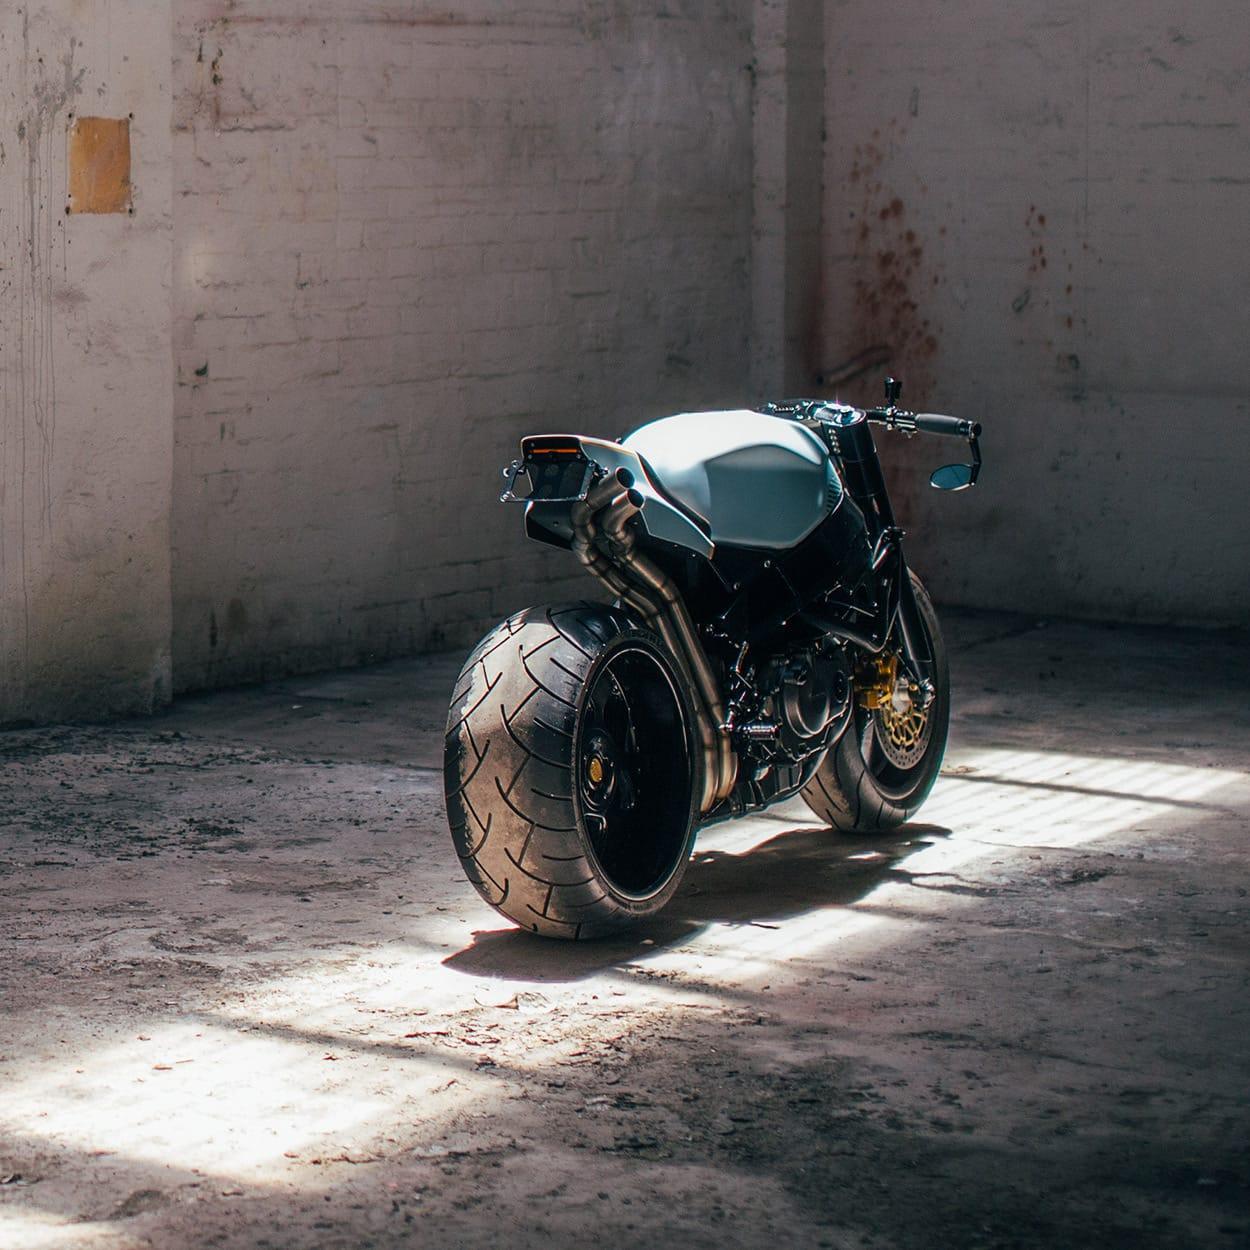 honda cbr fireblade motorcycle back